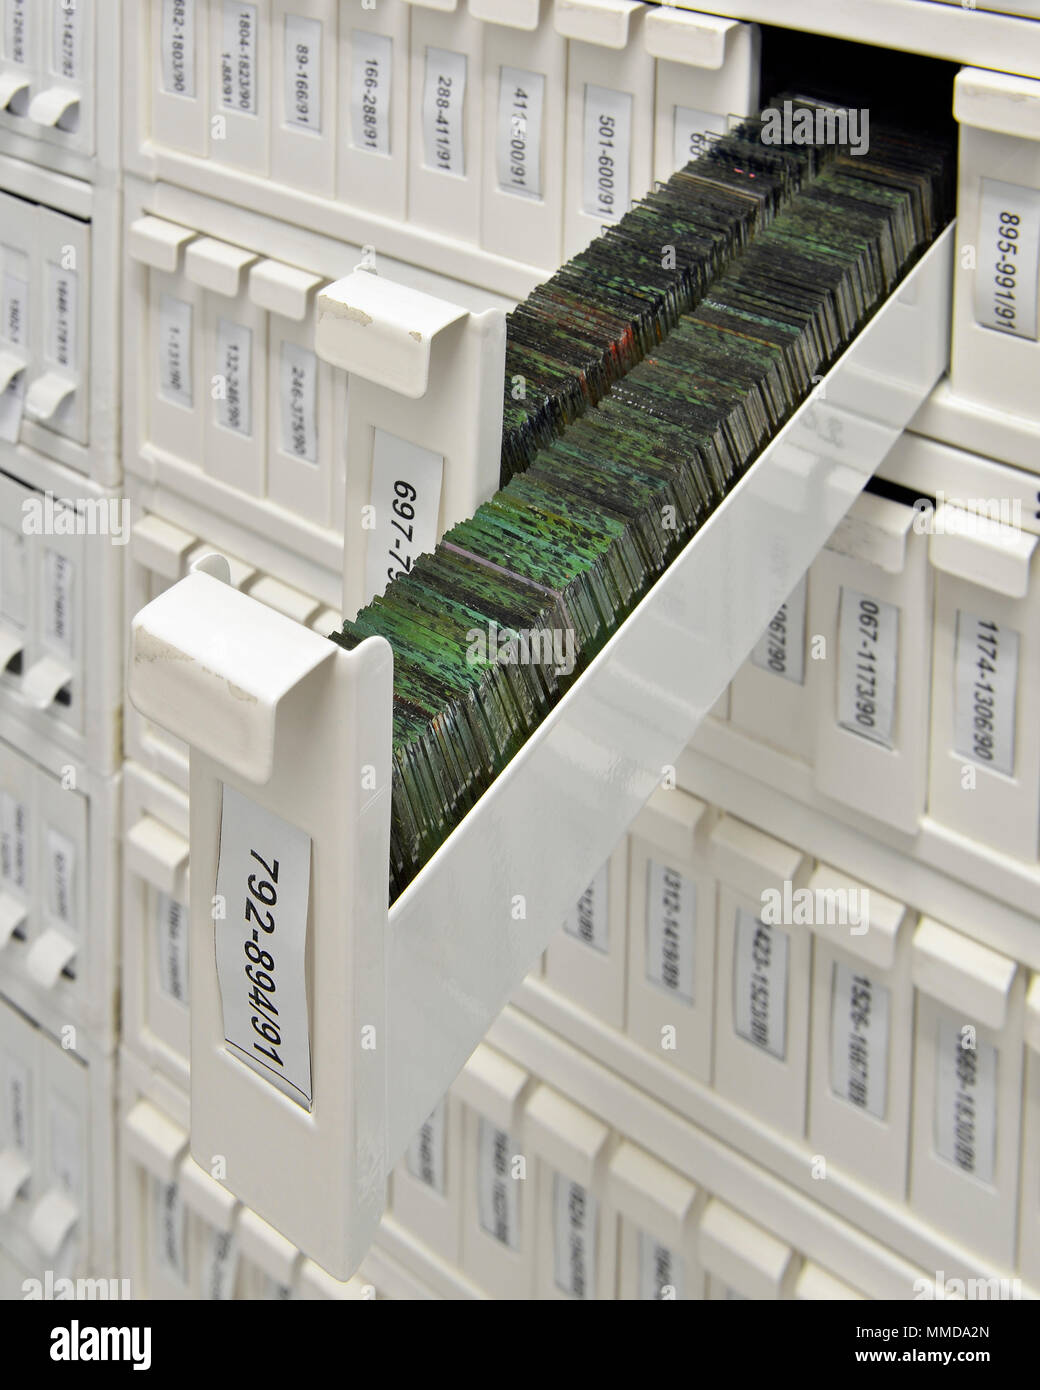 Deslice el armario para almacenar portaobjetos de microscopio Imagen De Stock